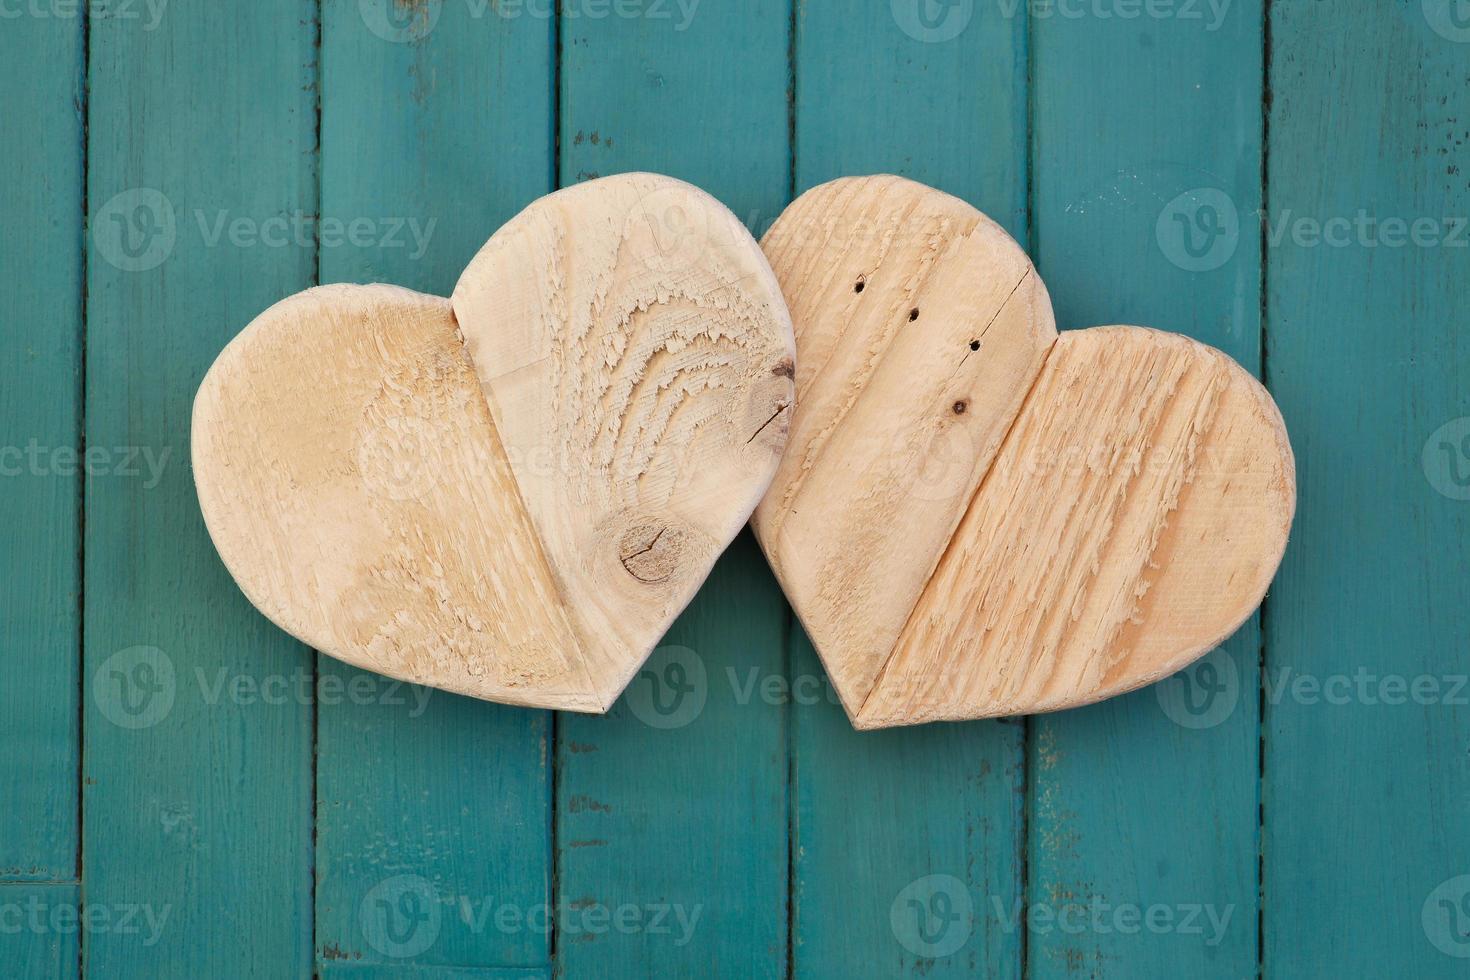 hou van valentines houten harten op turquoise geschilderde achtergrond foto